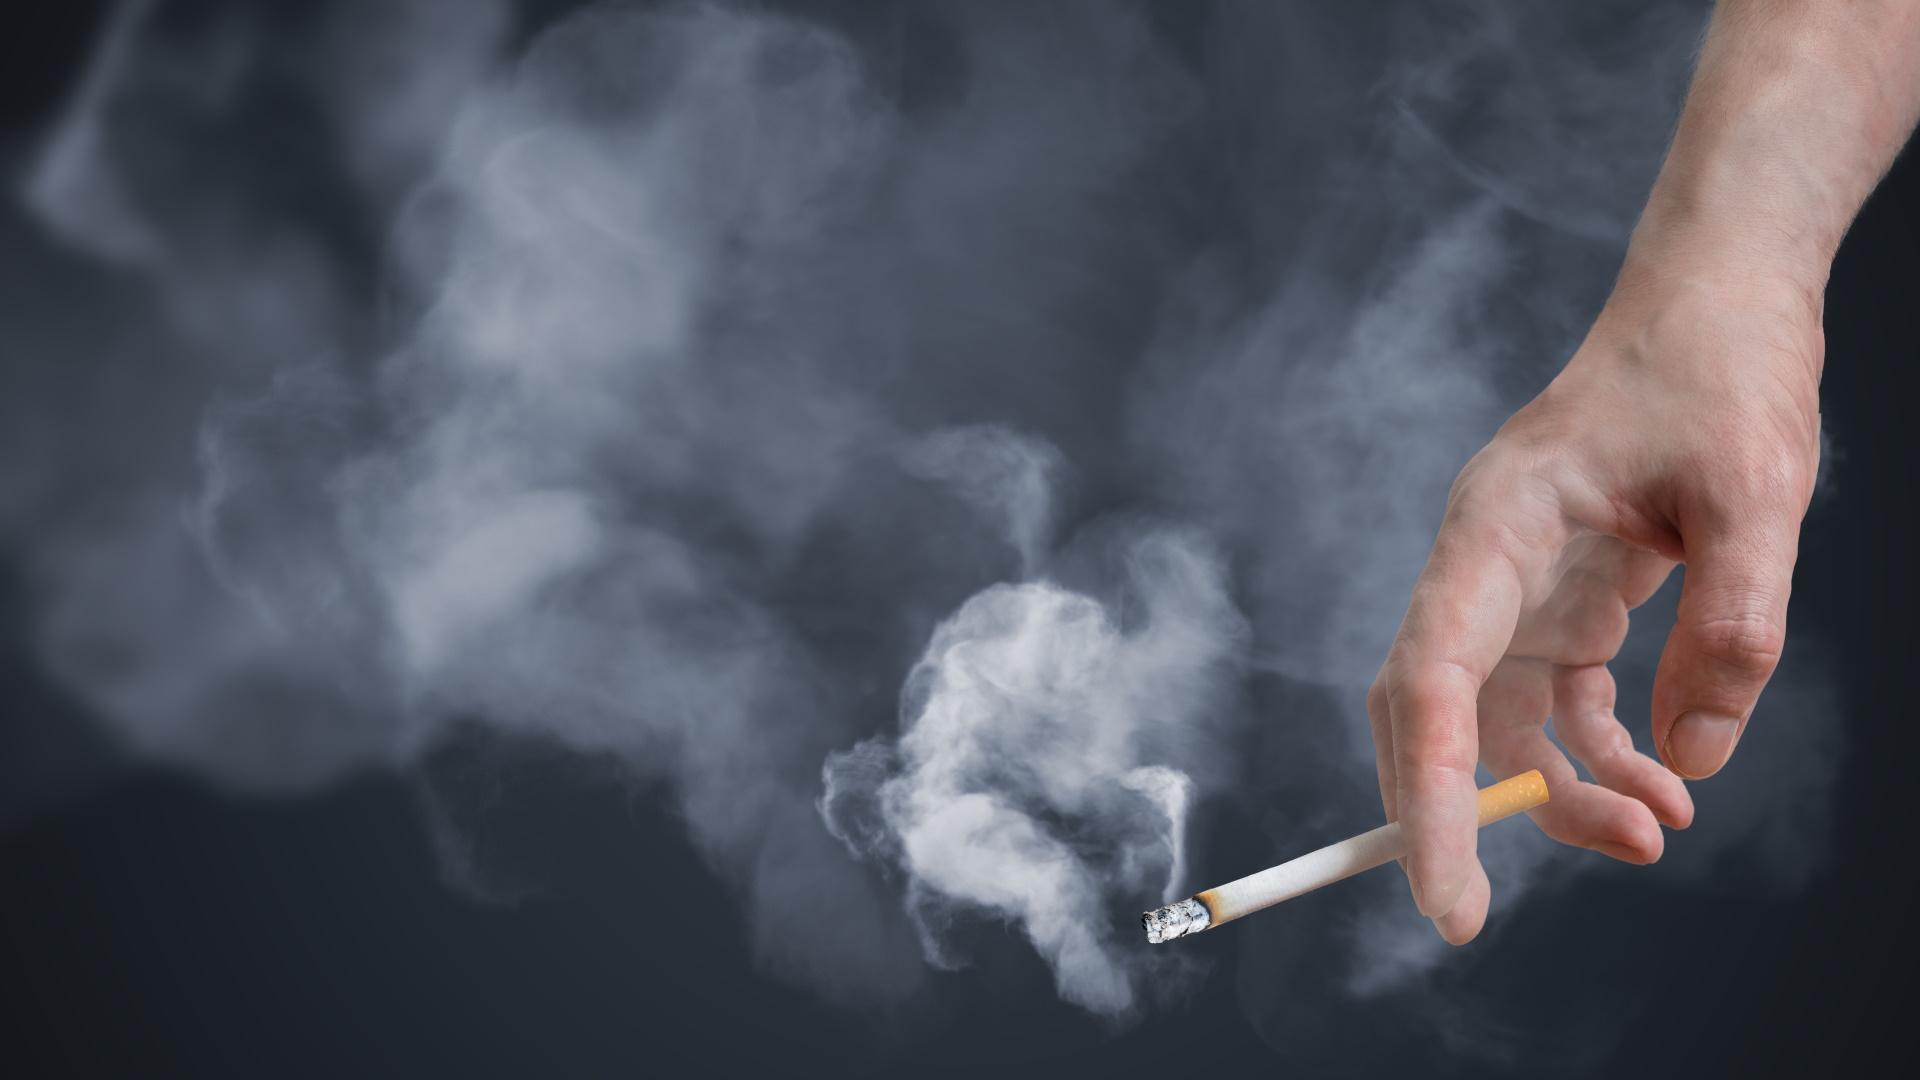 Vignette de la formation : Classe virtuelle - Le sevrage tabagique